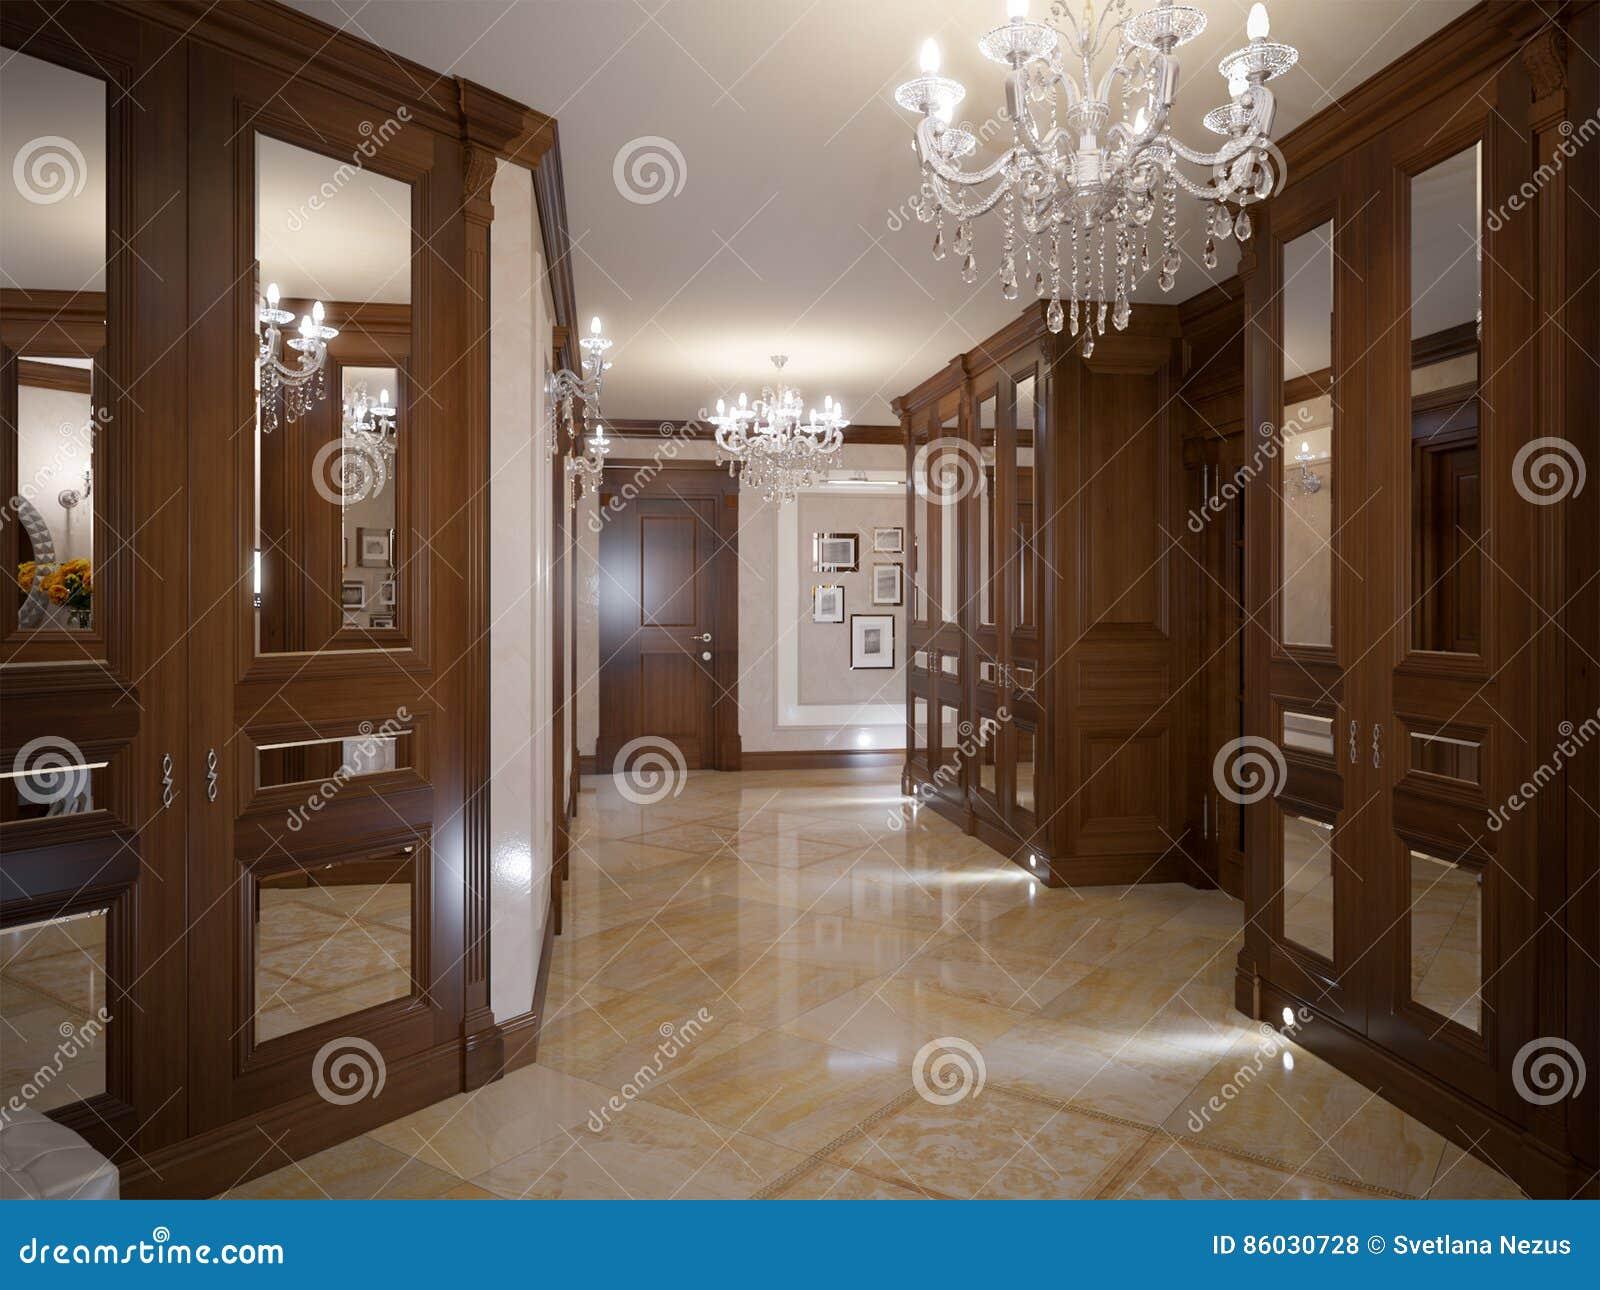 Elegant classic and luxurious hall interior design stock for Interior design beige